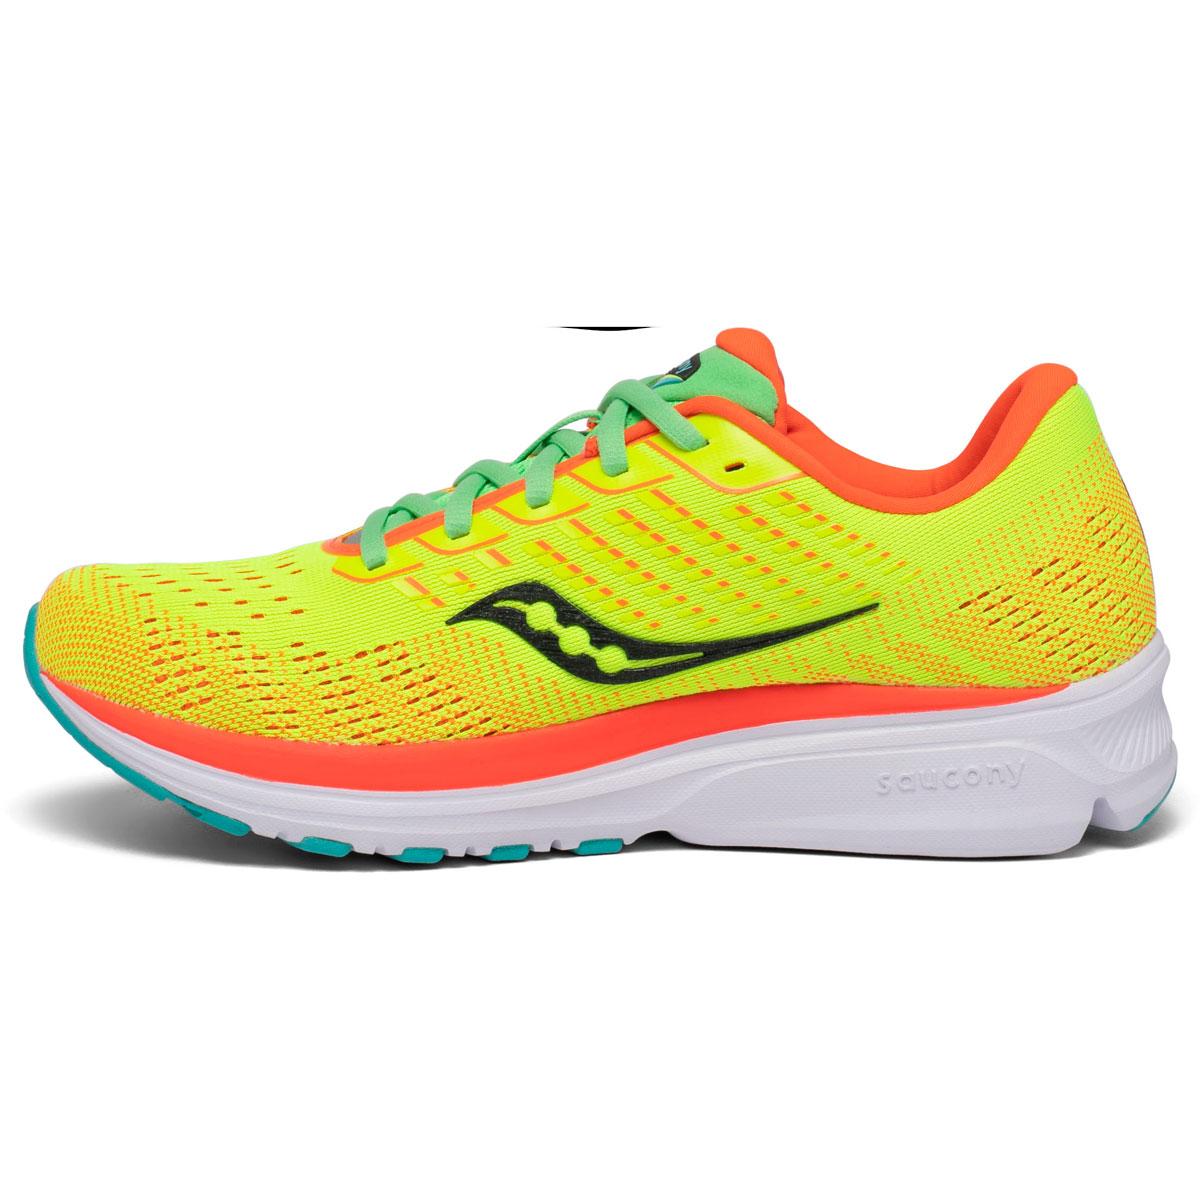 Women's Saucony Ride 13 Running Shoe - Color: Citron Mutant - Size: 5 - Width: Regular, Citron Mutant, large, image 2